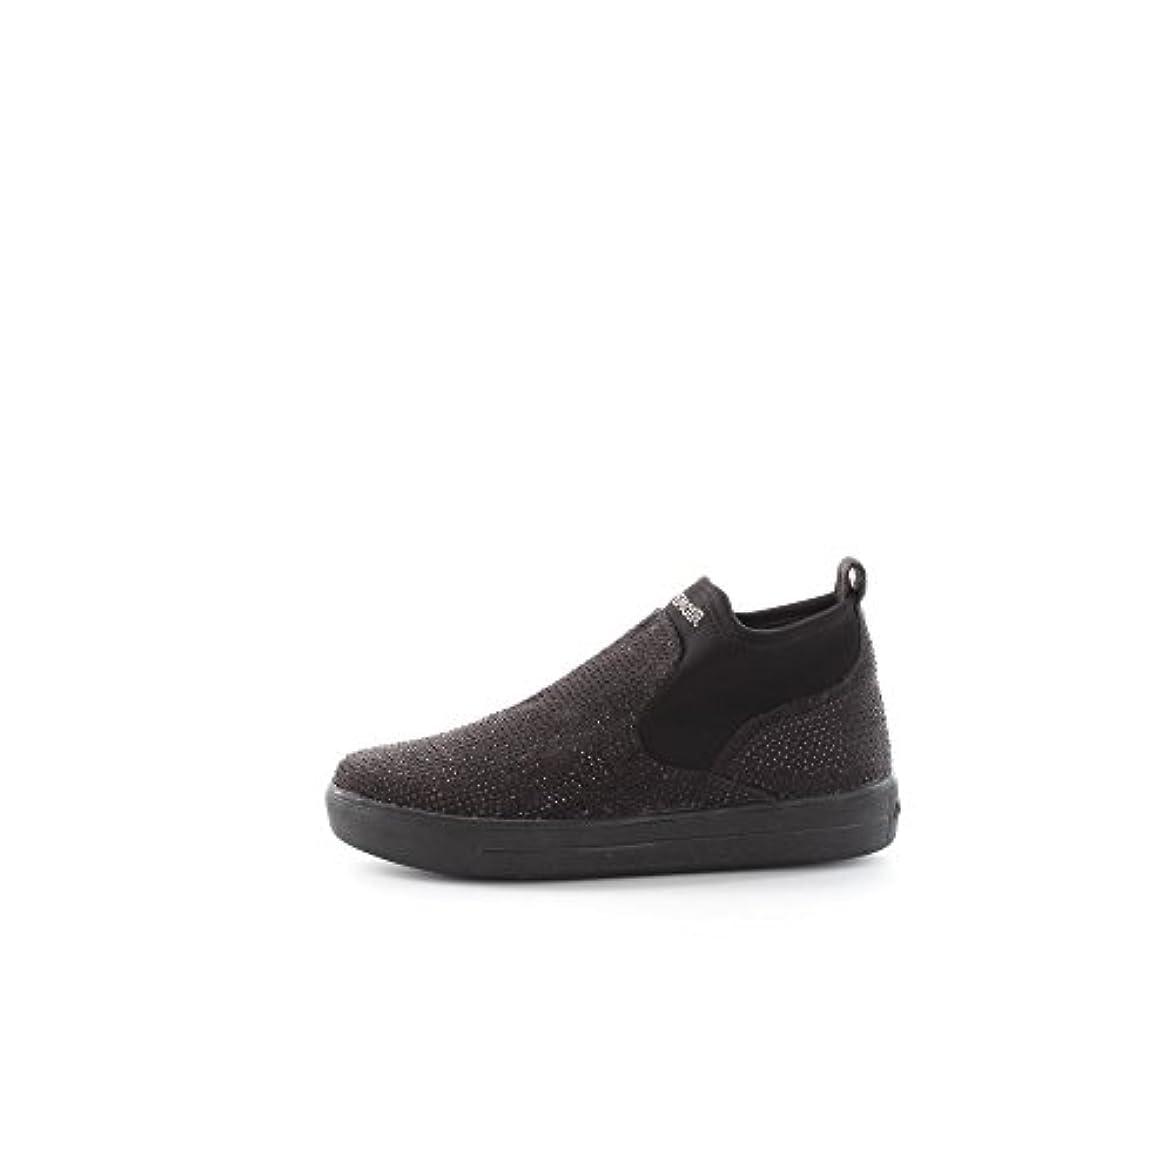 Cafènoir Ndb925 Sneaker Tronchetto Con Microstrass E Lycra